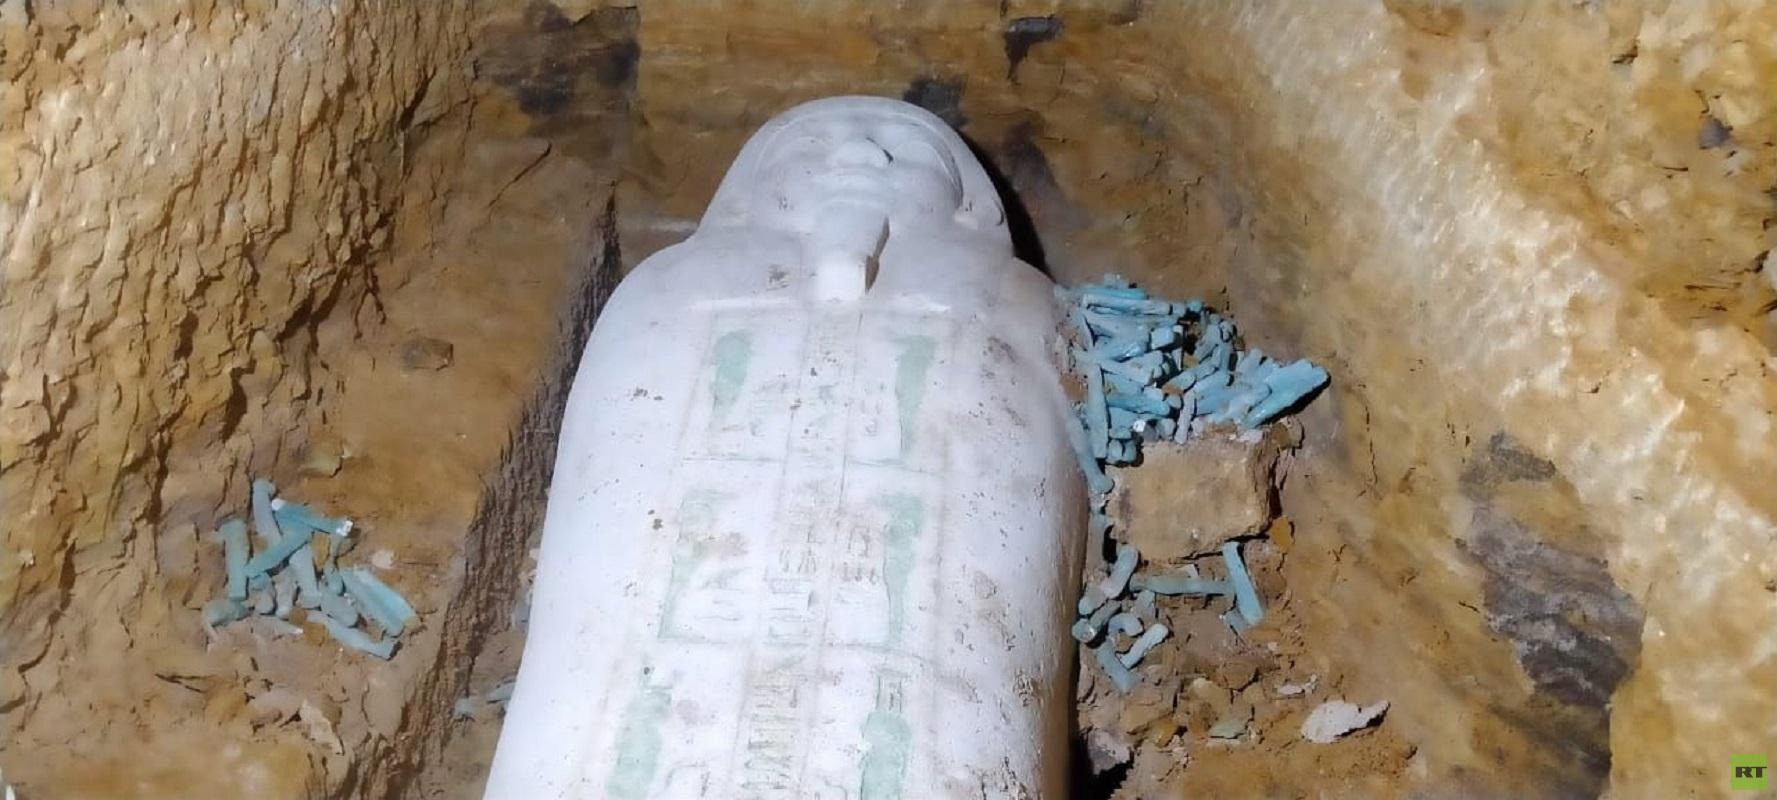 تابوت من الحجر الجيري تم الكشف عنه بمنطقة الغريفة الأثرية في محافظة المنيا المصرية